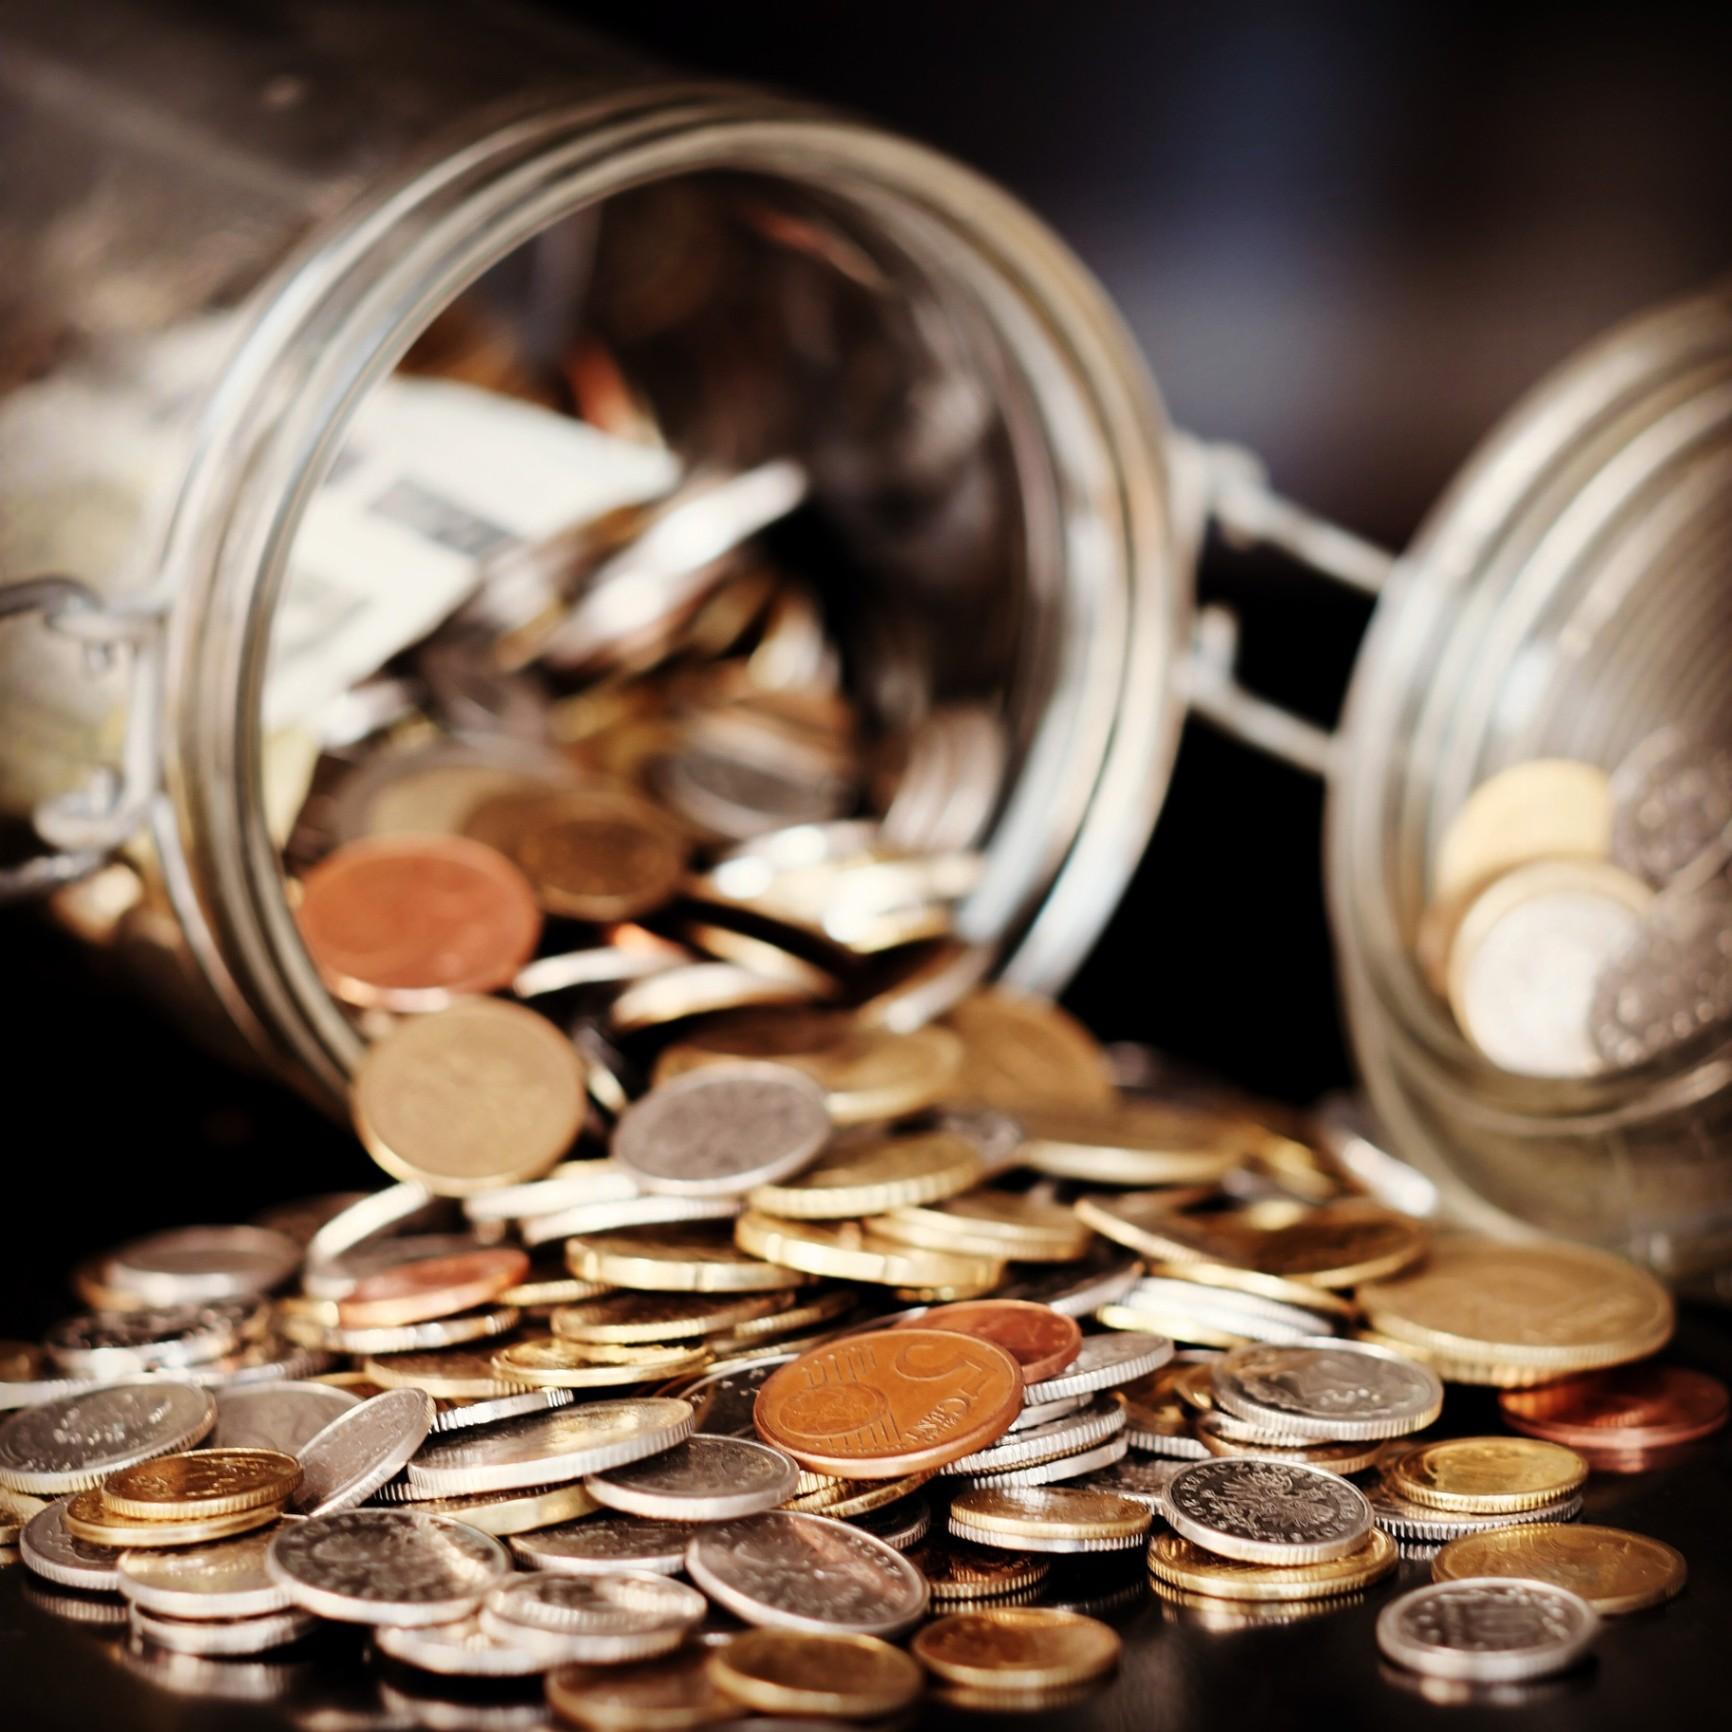 Comment Rembourser un Prêt Immobilier sans Apport